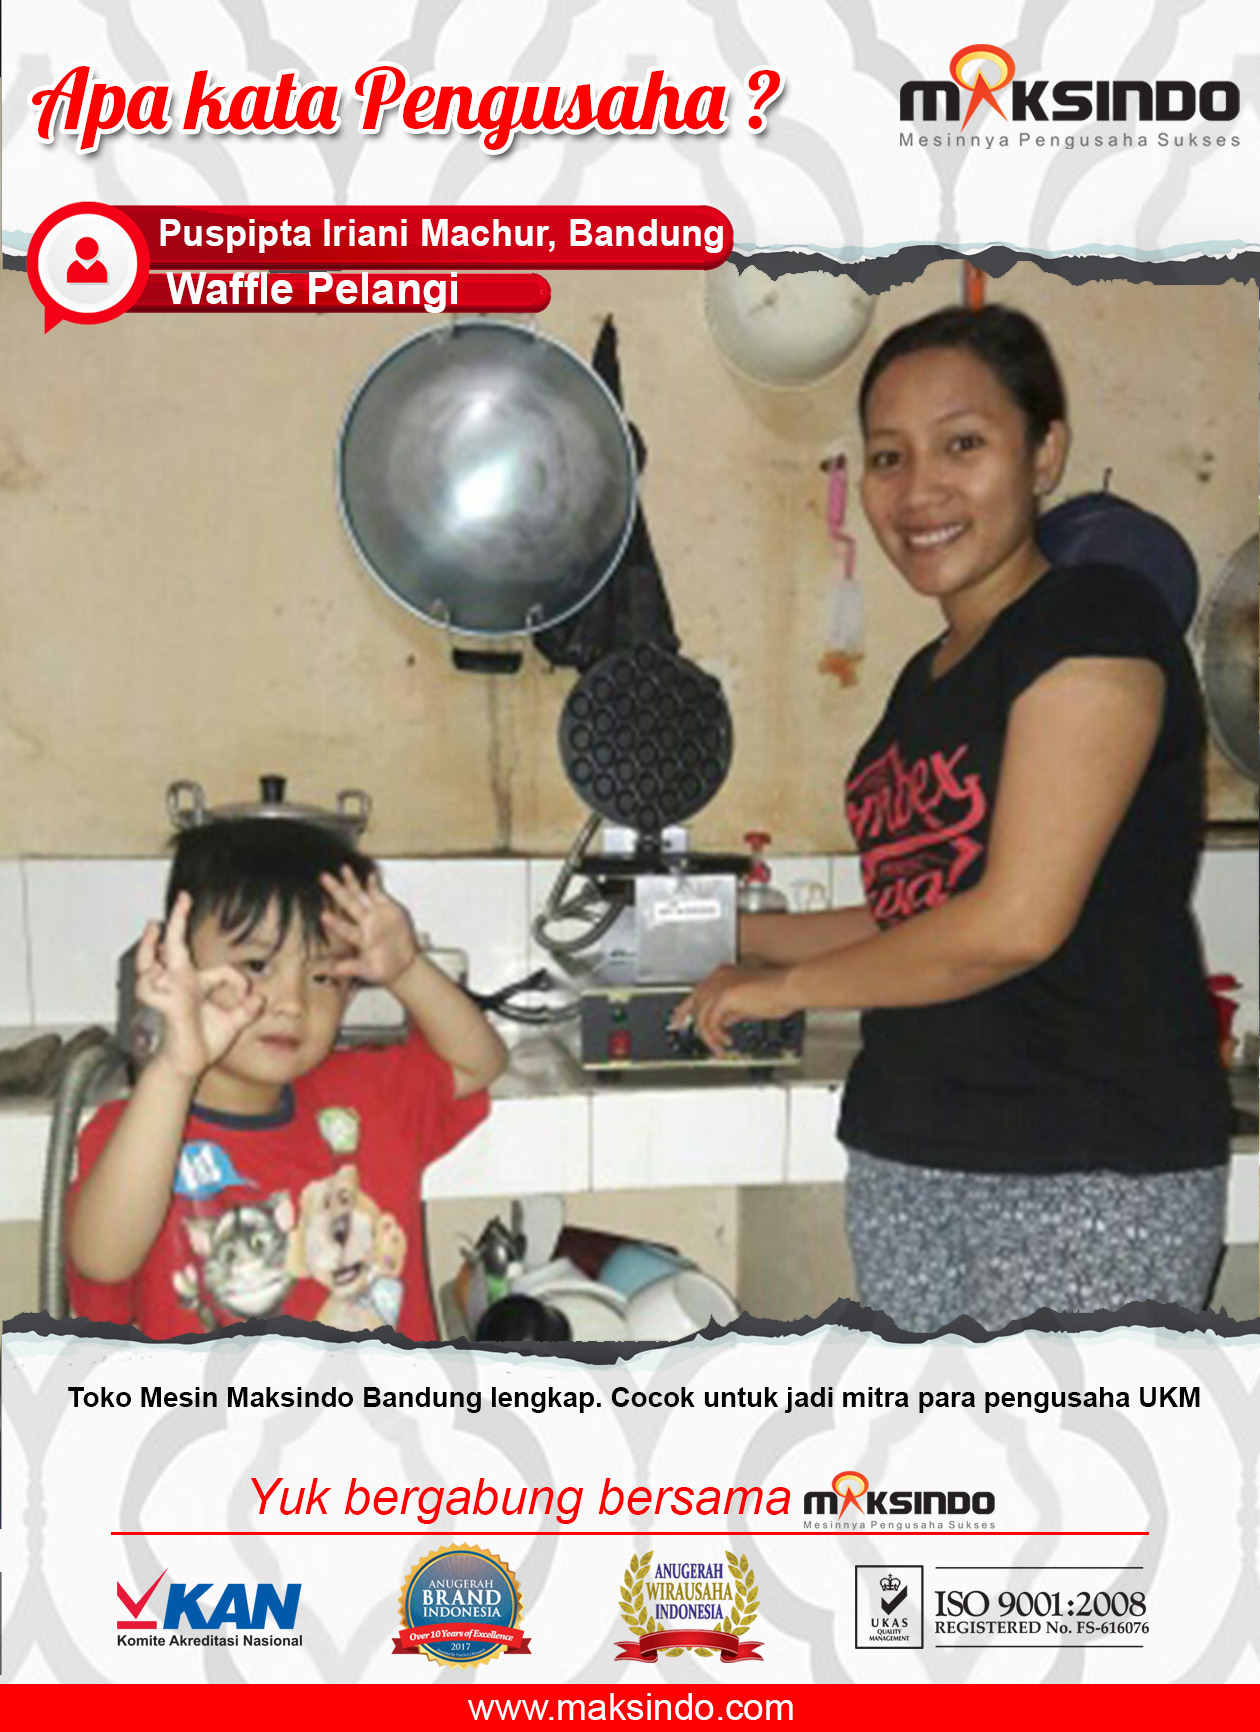 Waffle Pelangi : Dengan Mesin Egg Waffle Maksindo Usaha Saya Bertambah Maju